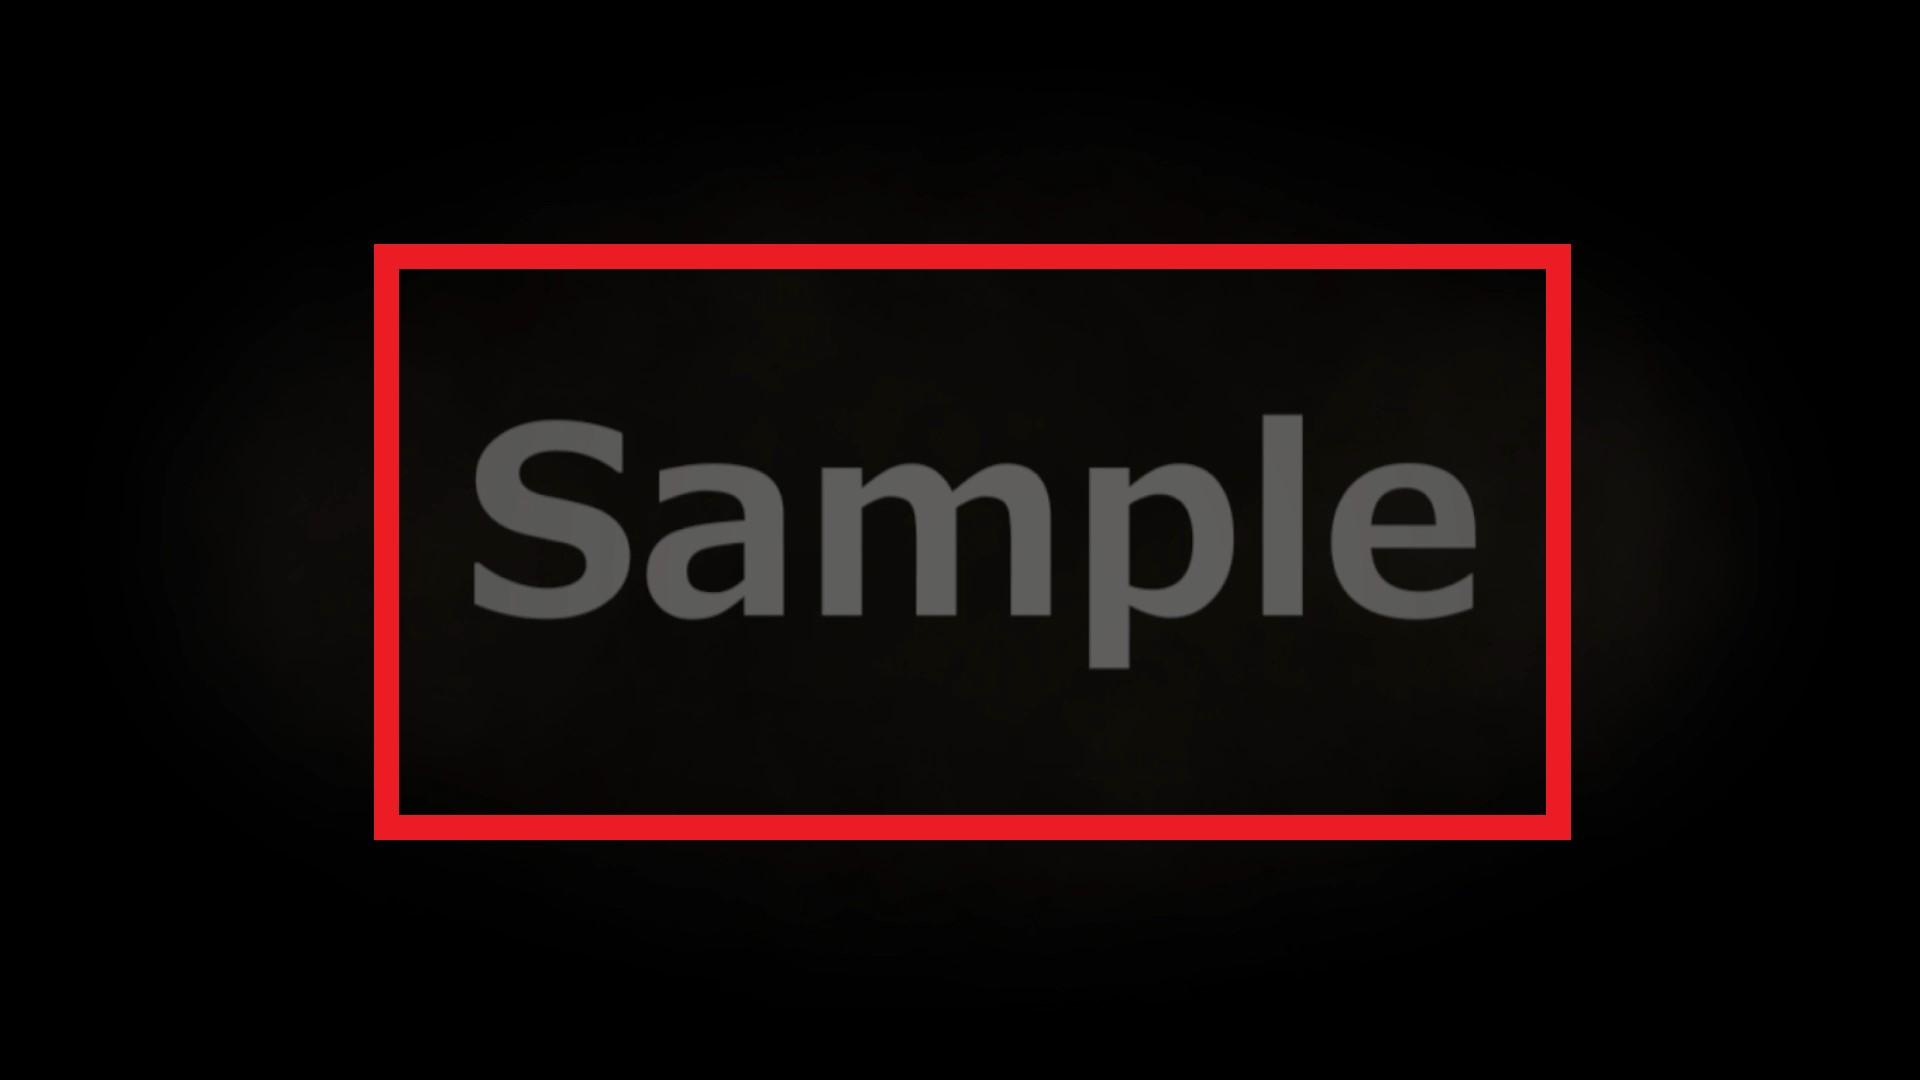 テキスト版のサンプル